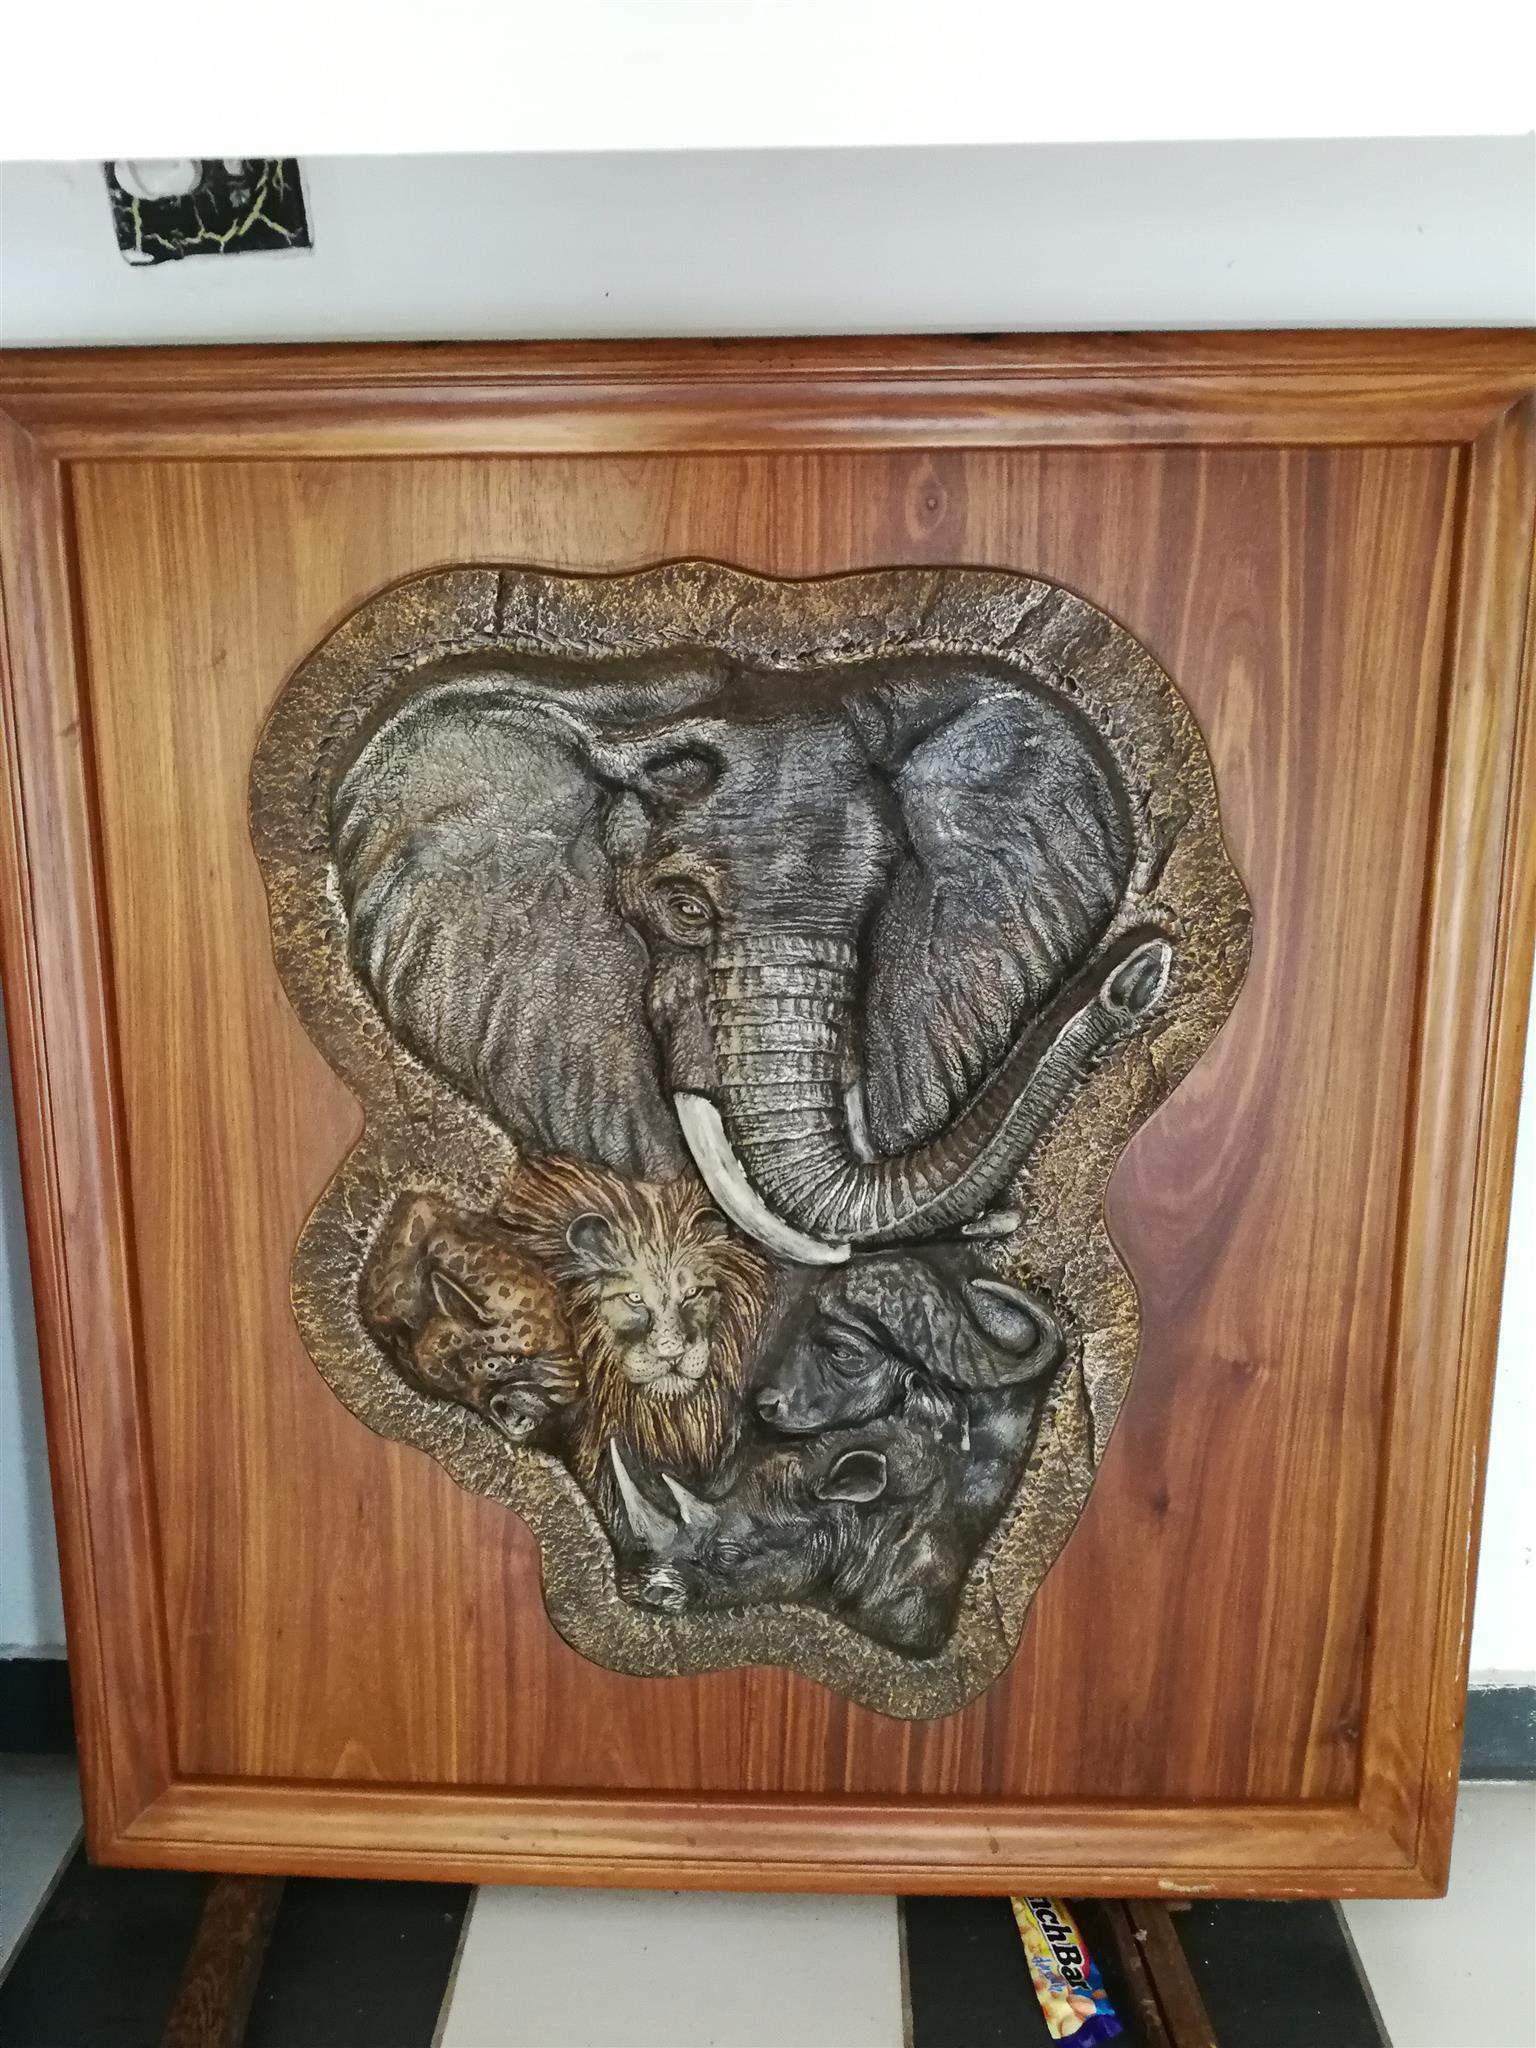 Big 5 animals on solid kiaat wood - R1000